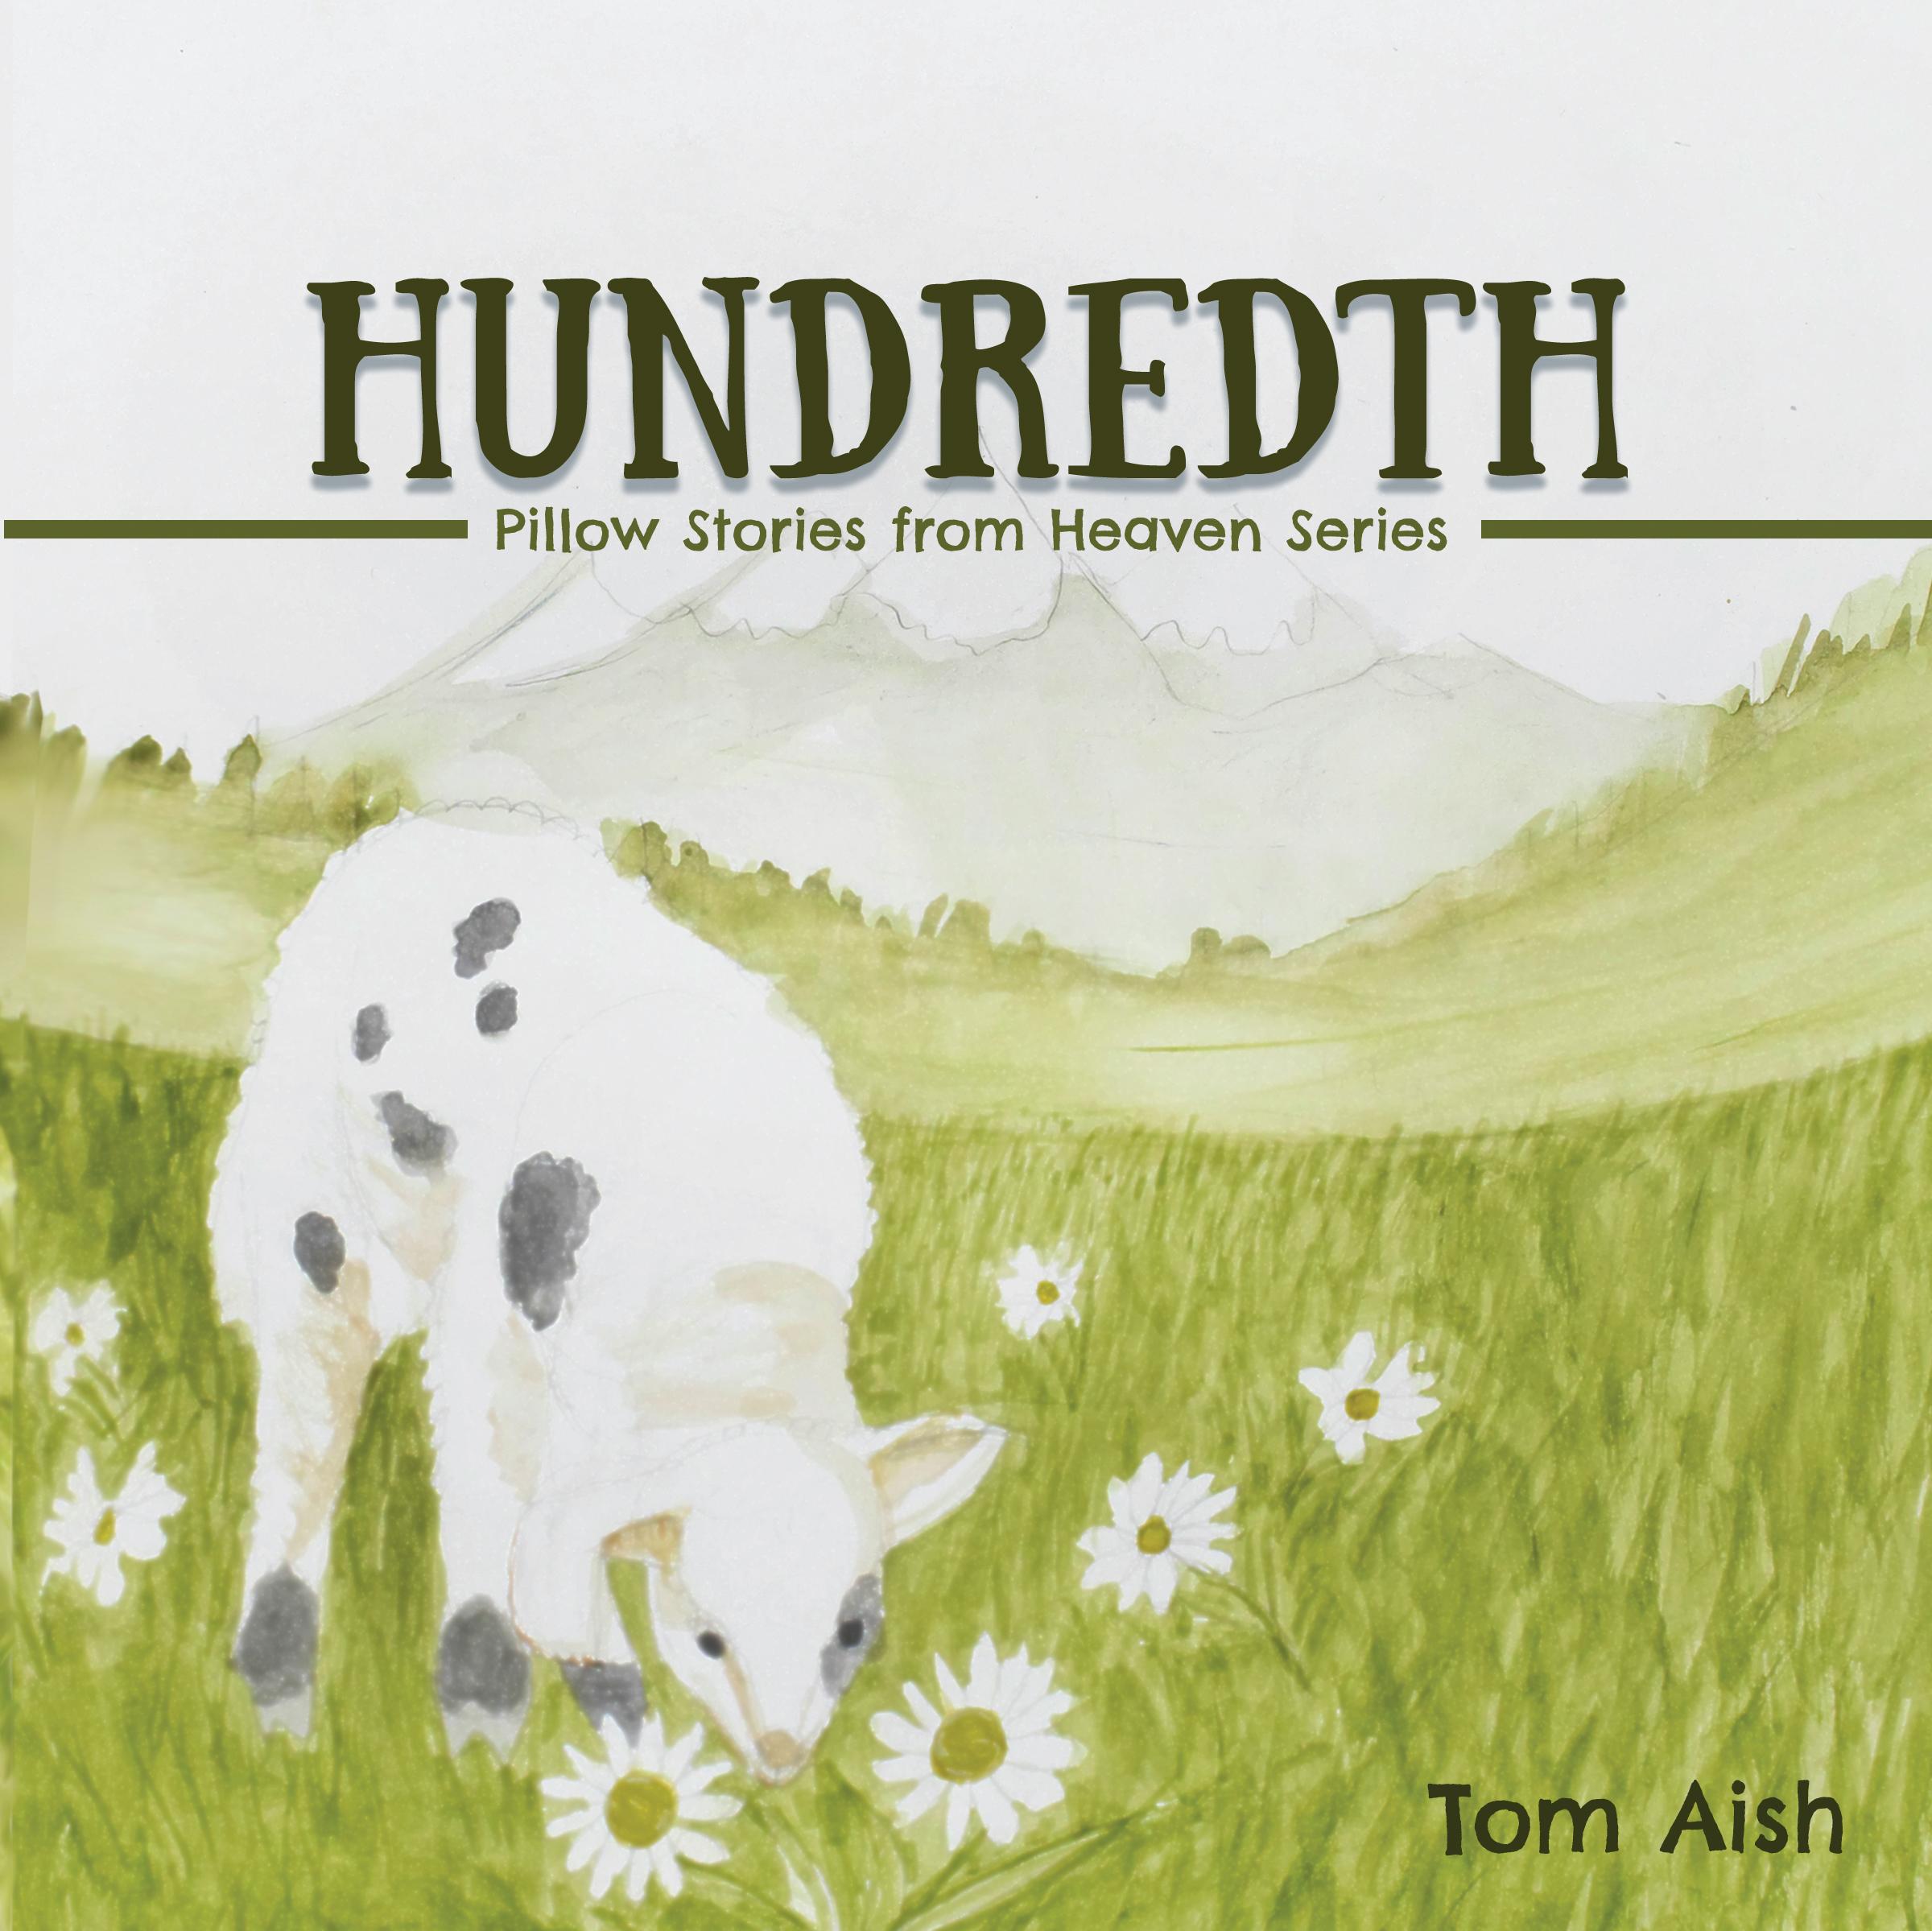 Hundredth cover